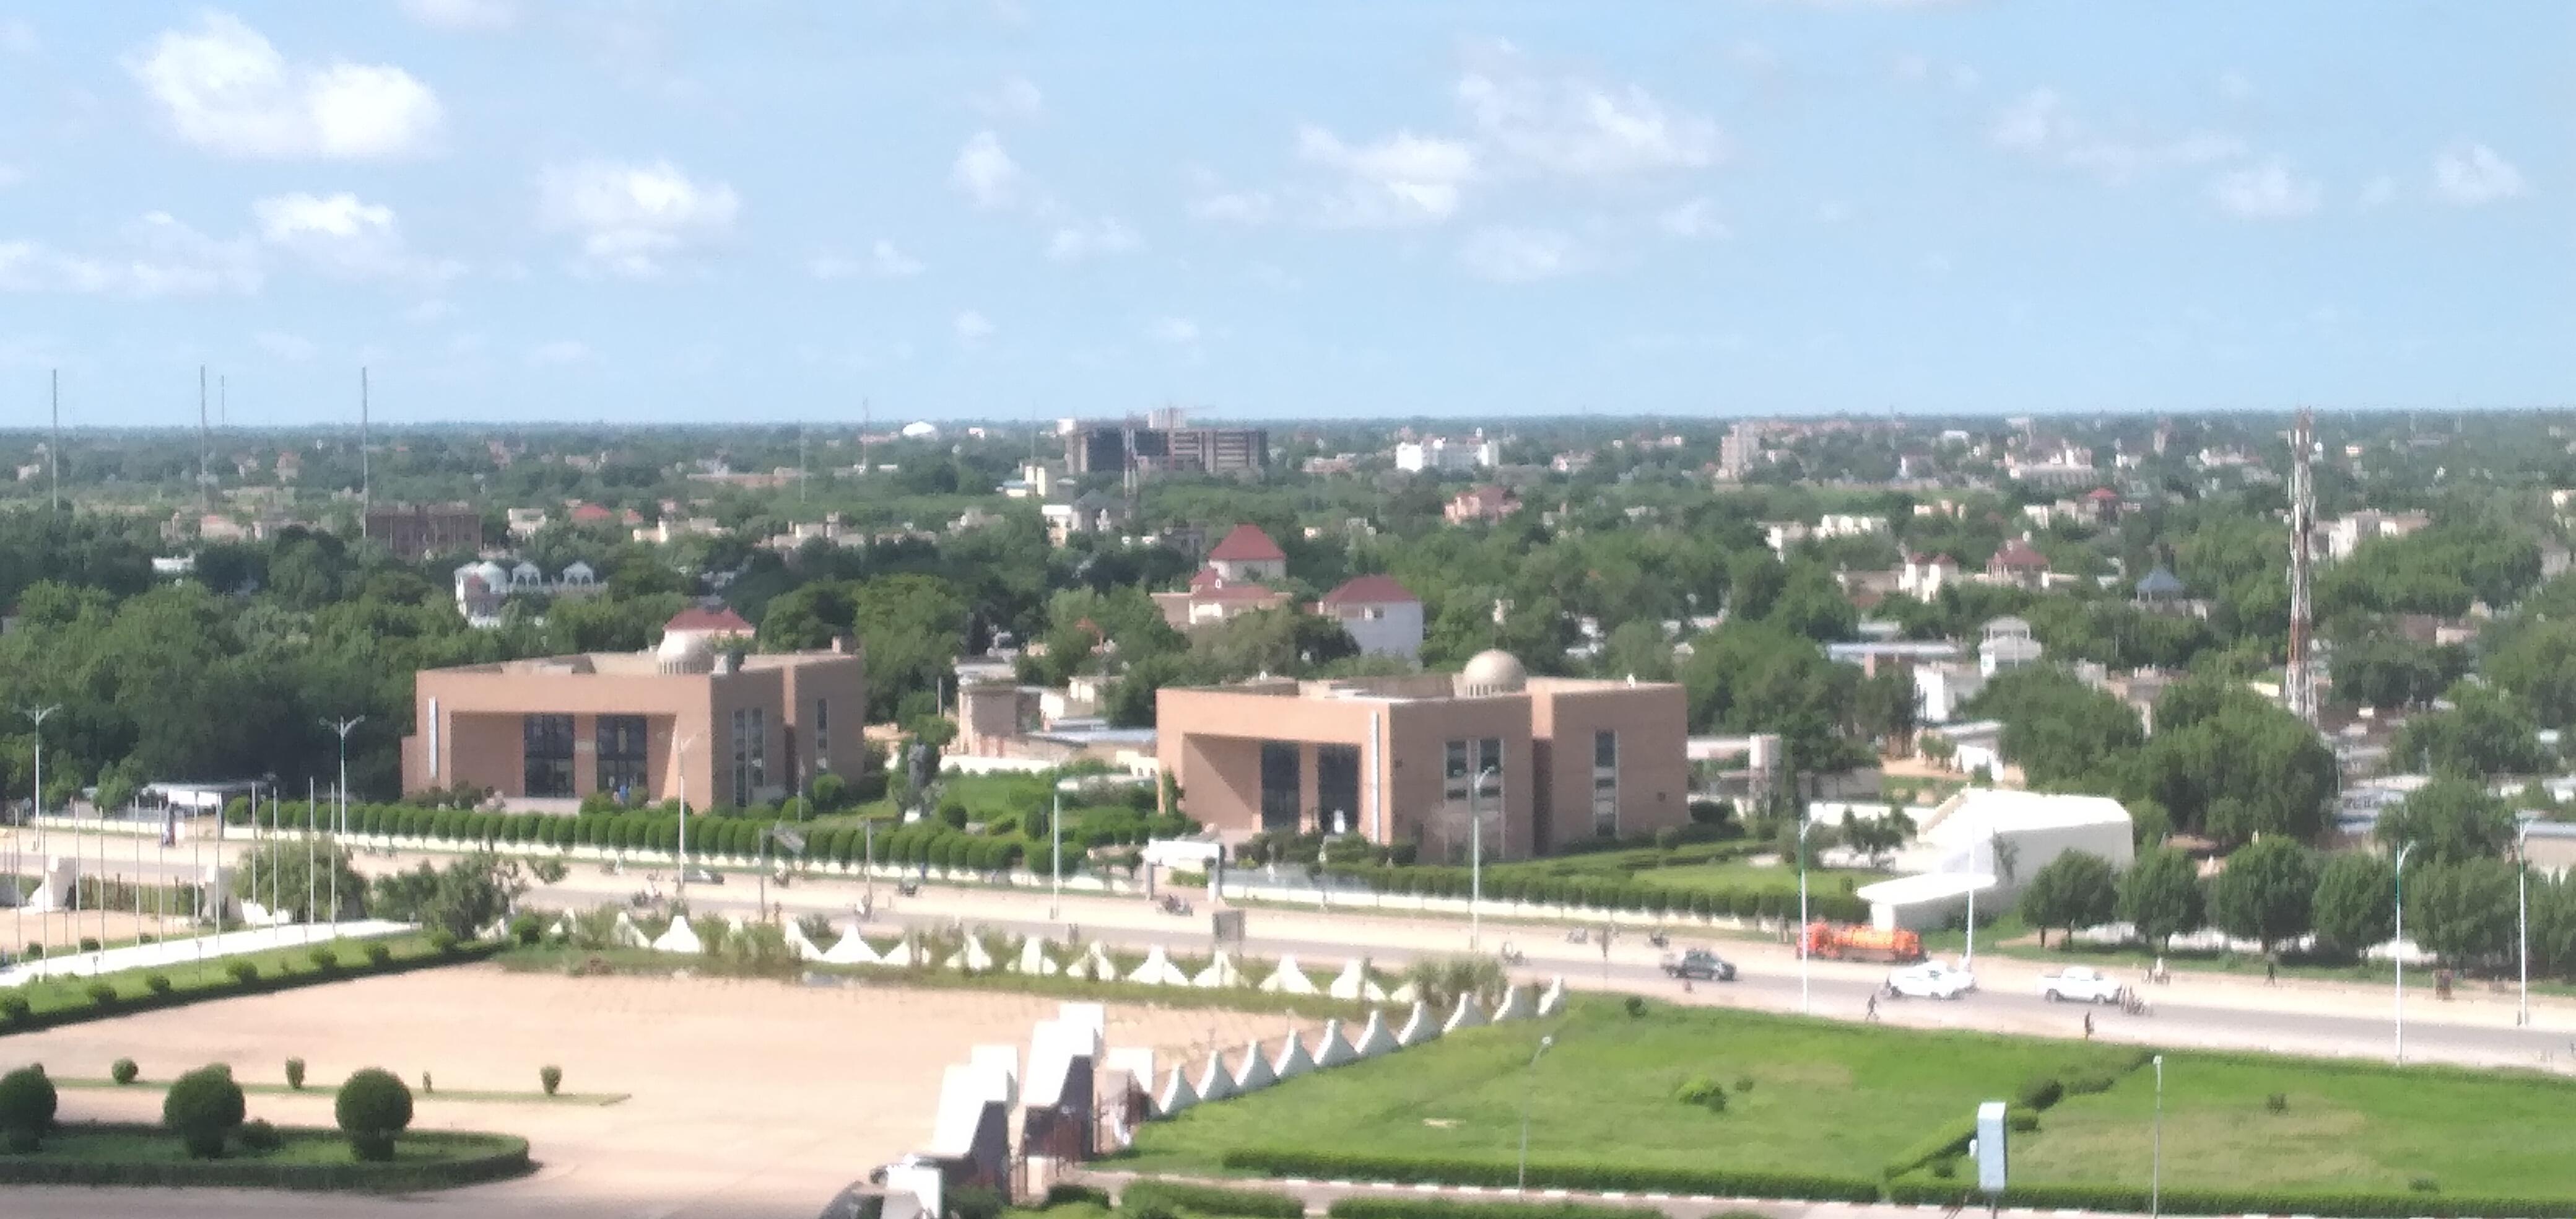 Tchad : l'État interpellé sur les graves répercussions des grèves